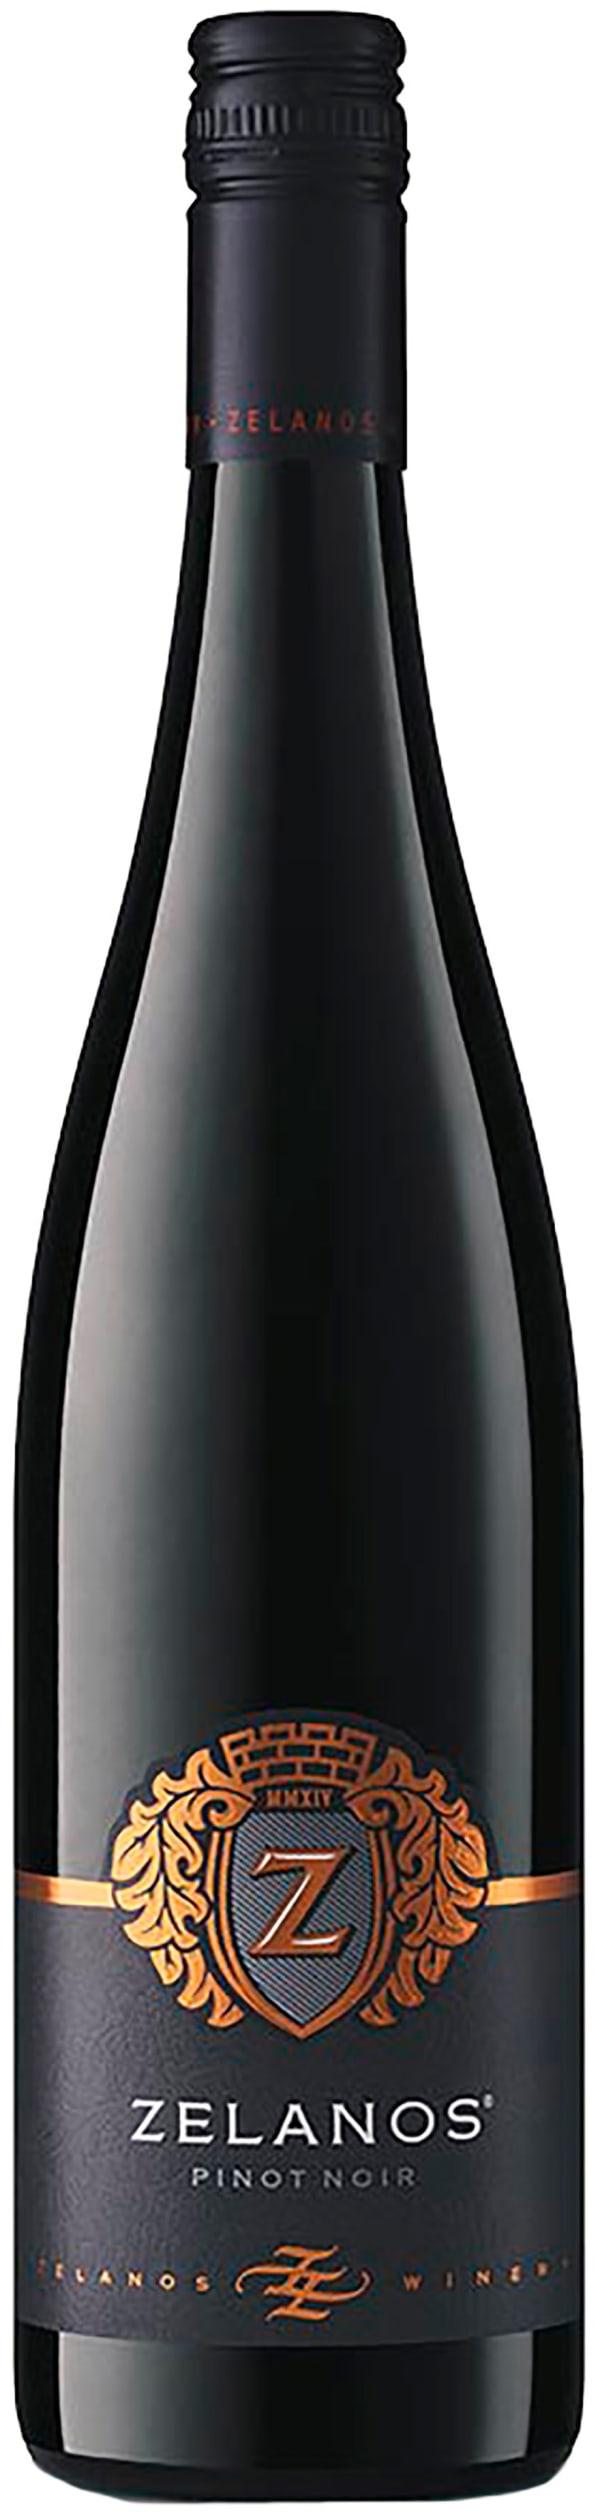 Zelanos Pinot Noir 2017